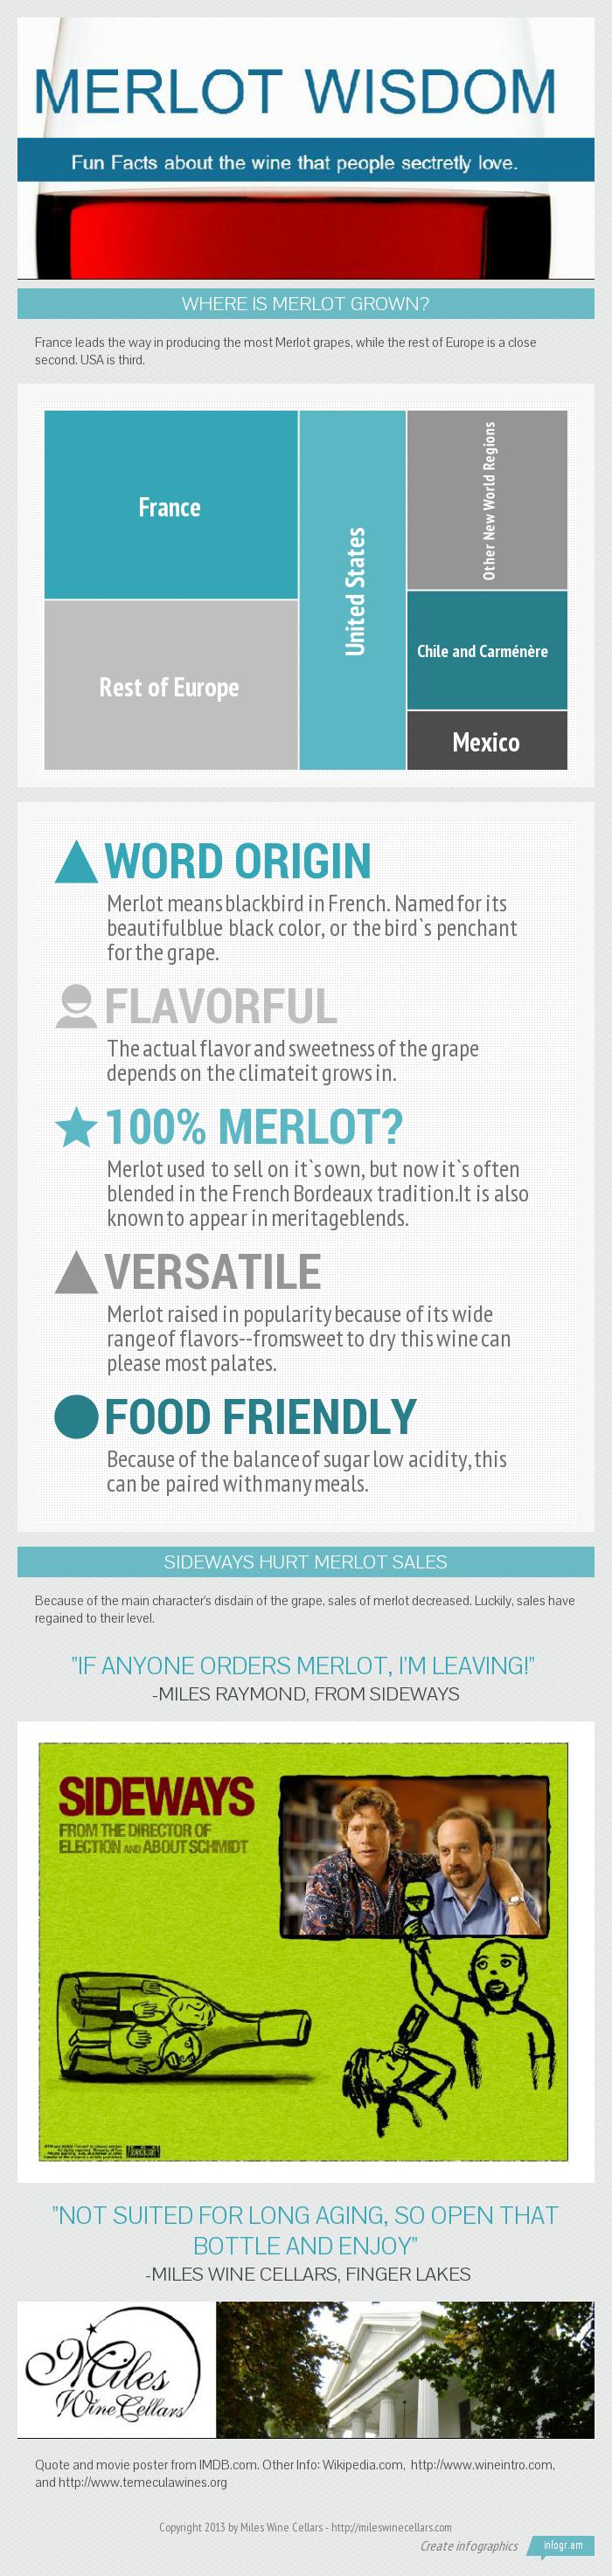 Merlot Wisdom - Infographic